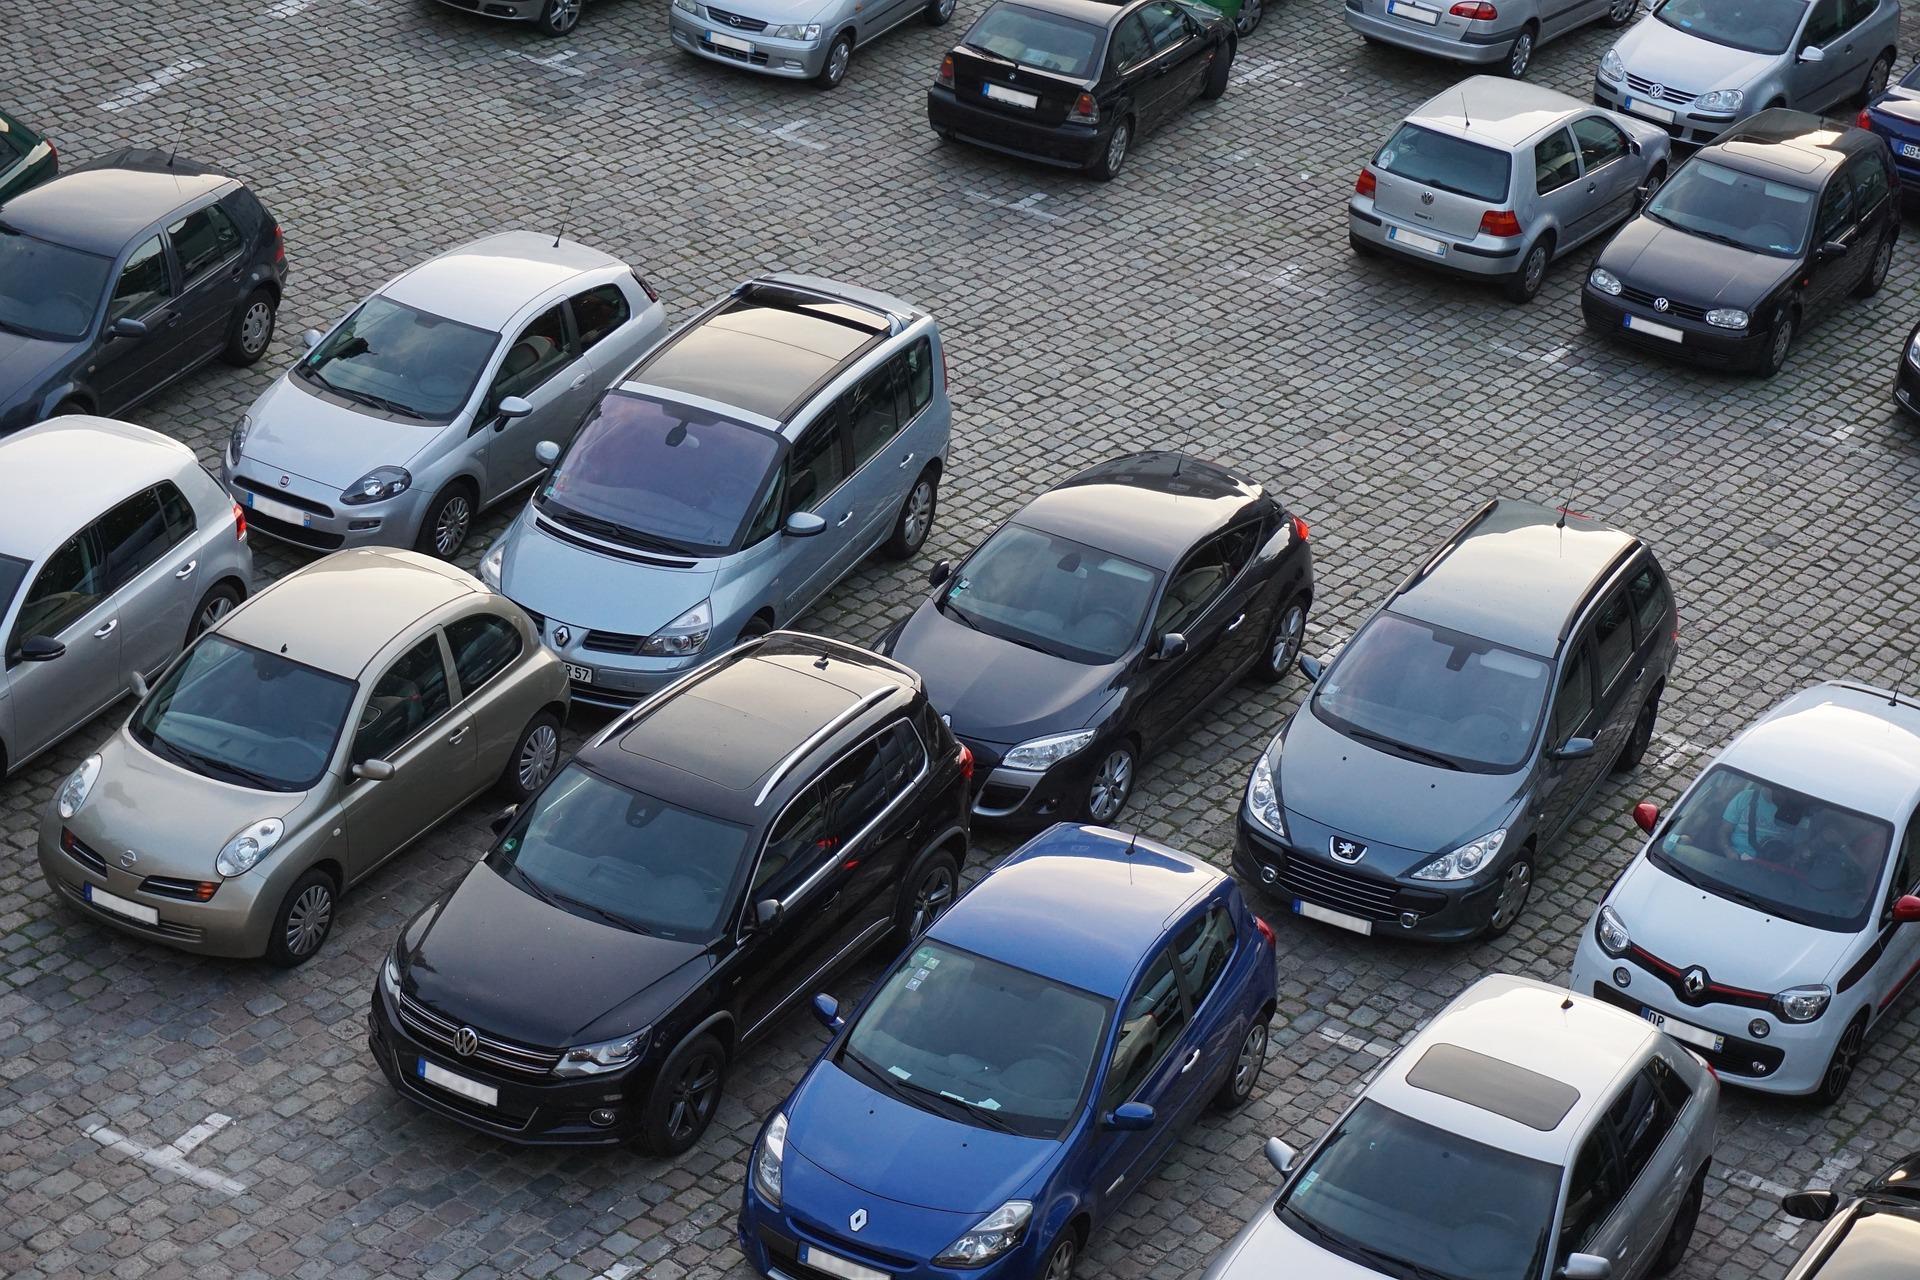 Parkende Autos, Quelle: Bild von Florian Pircher auf Pixabay